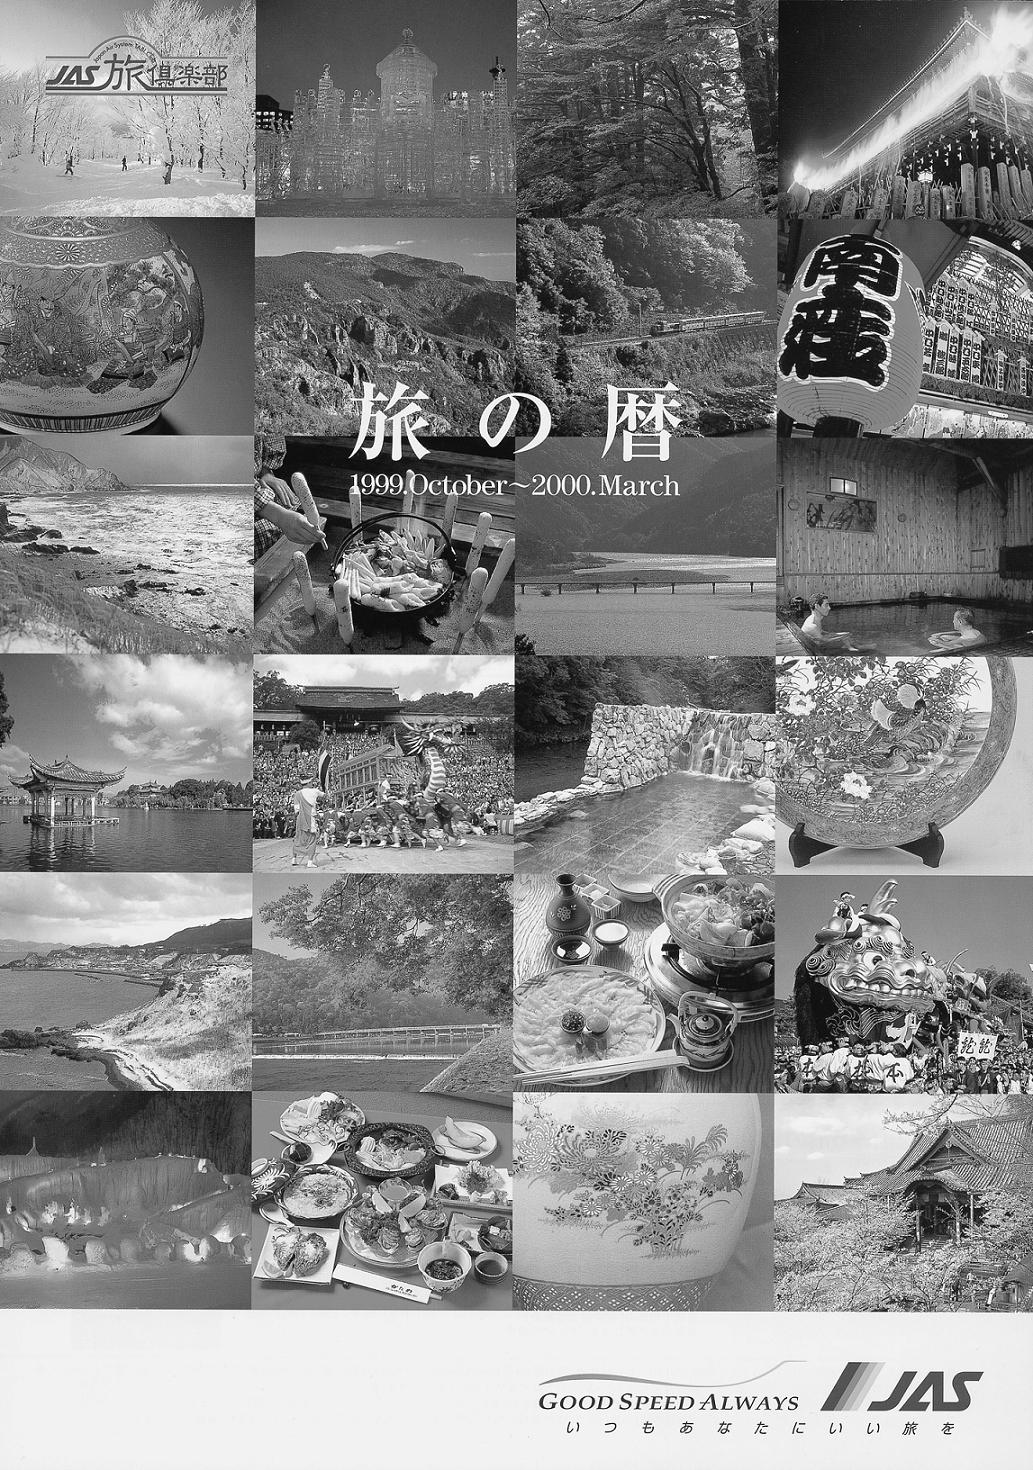 1999年10月から2000年3月までの旅行プランが掲載された「旅の暦」。すでに会員に送られている